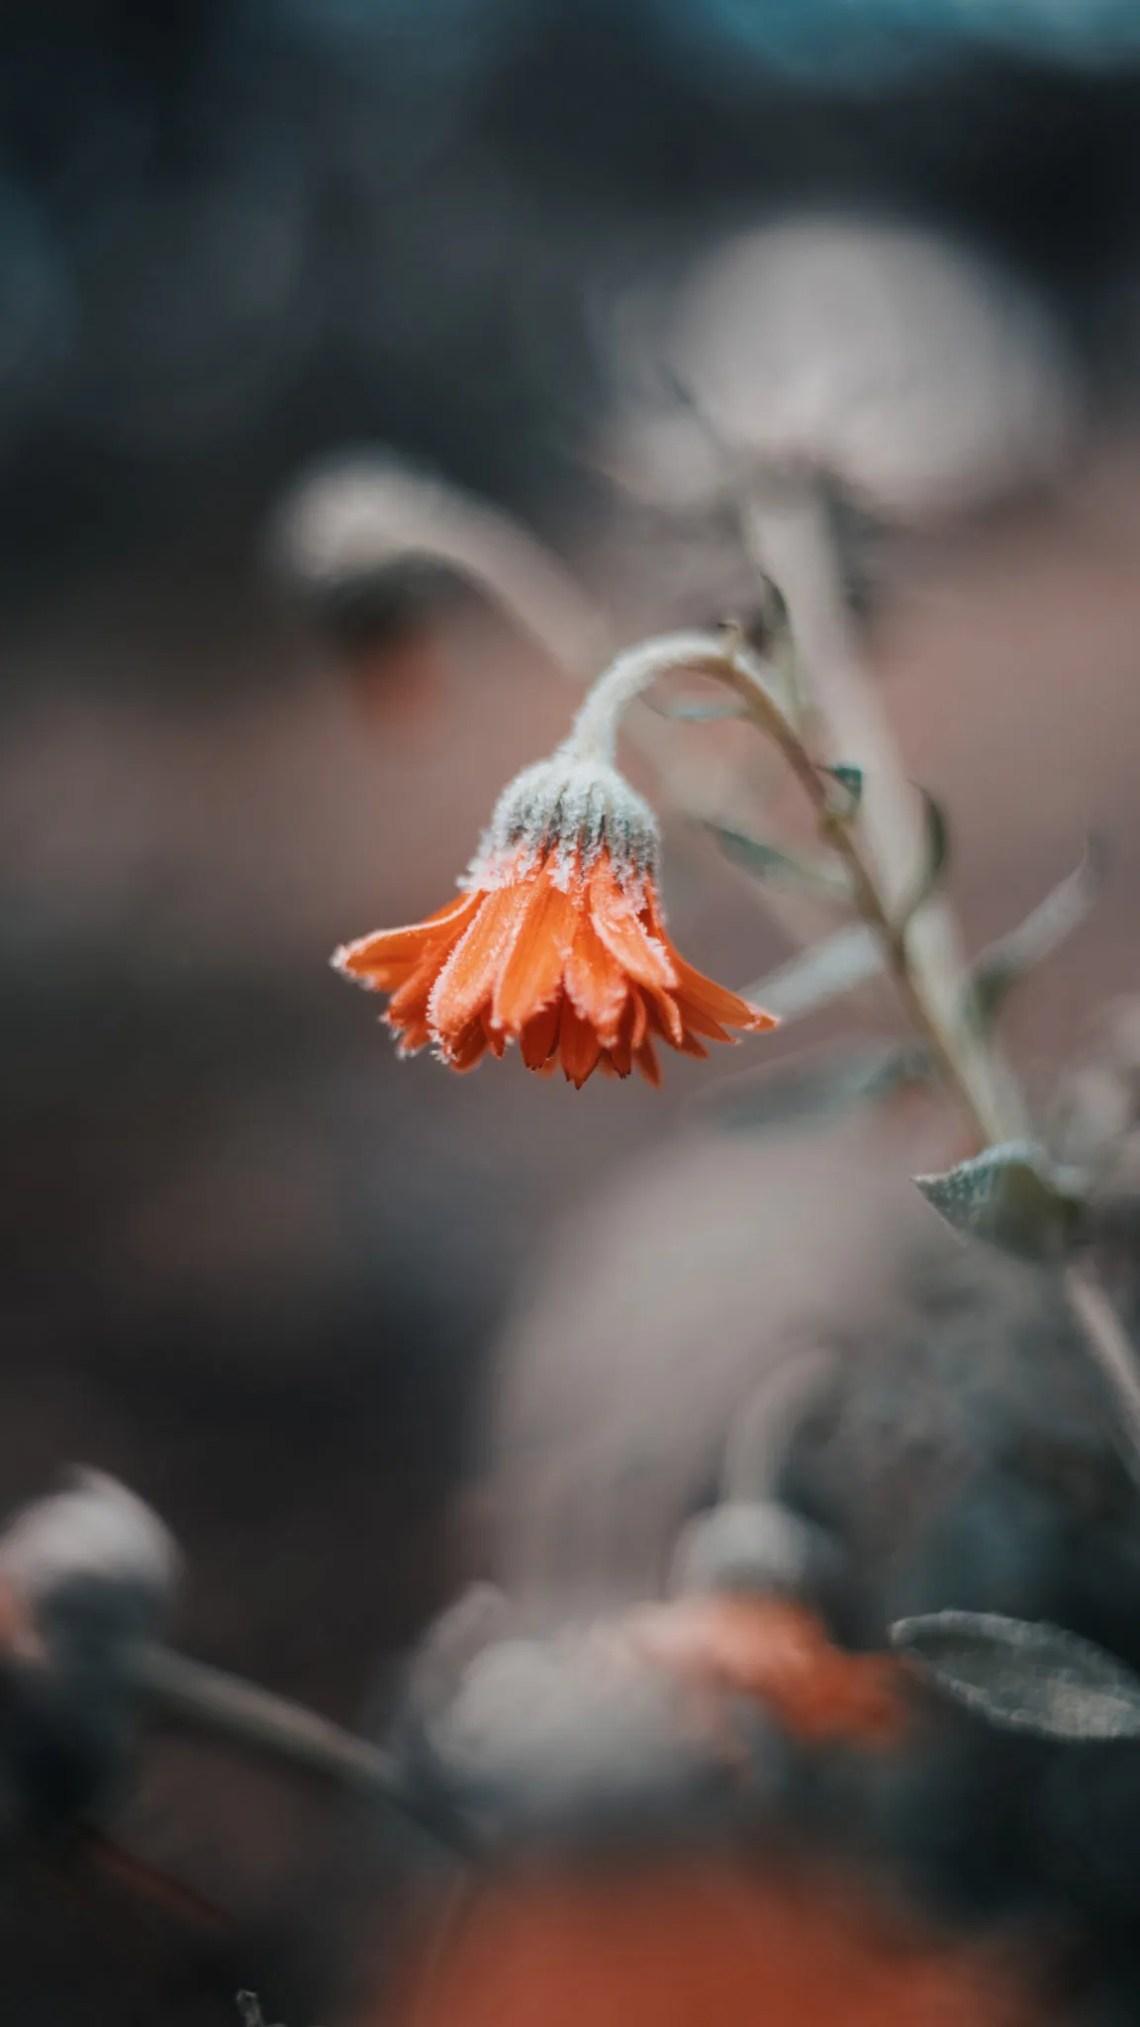 proteggere-le-piante_fiore